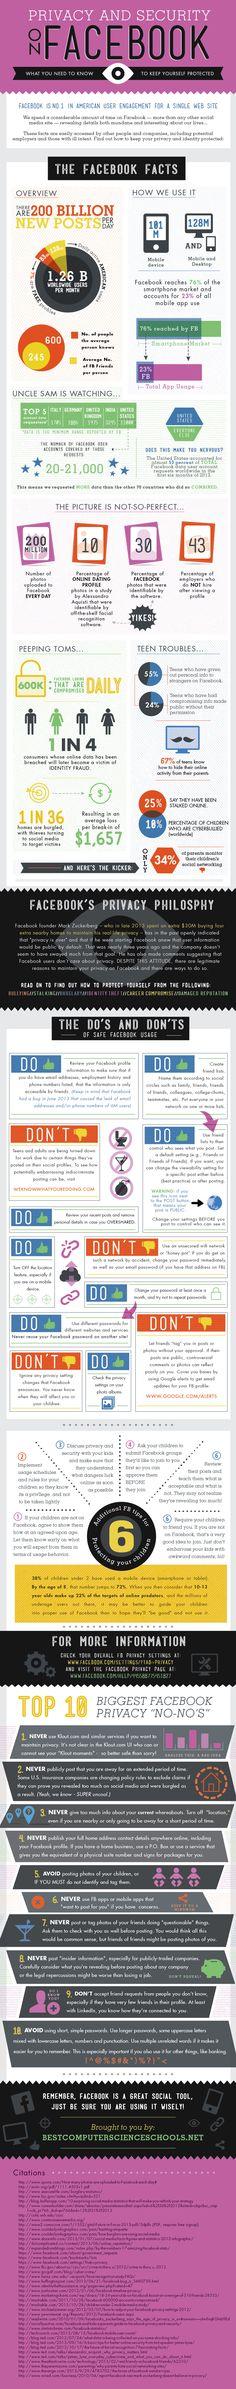 Alles wat je moet weten over Privacy & Facebook